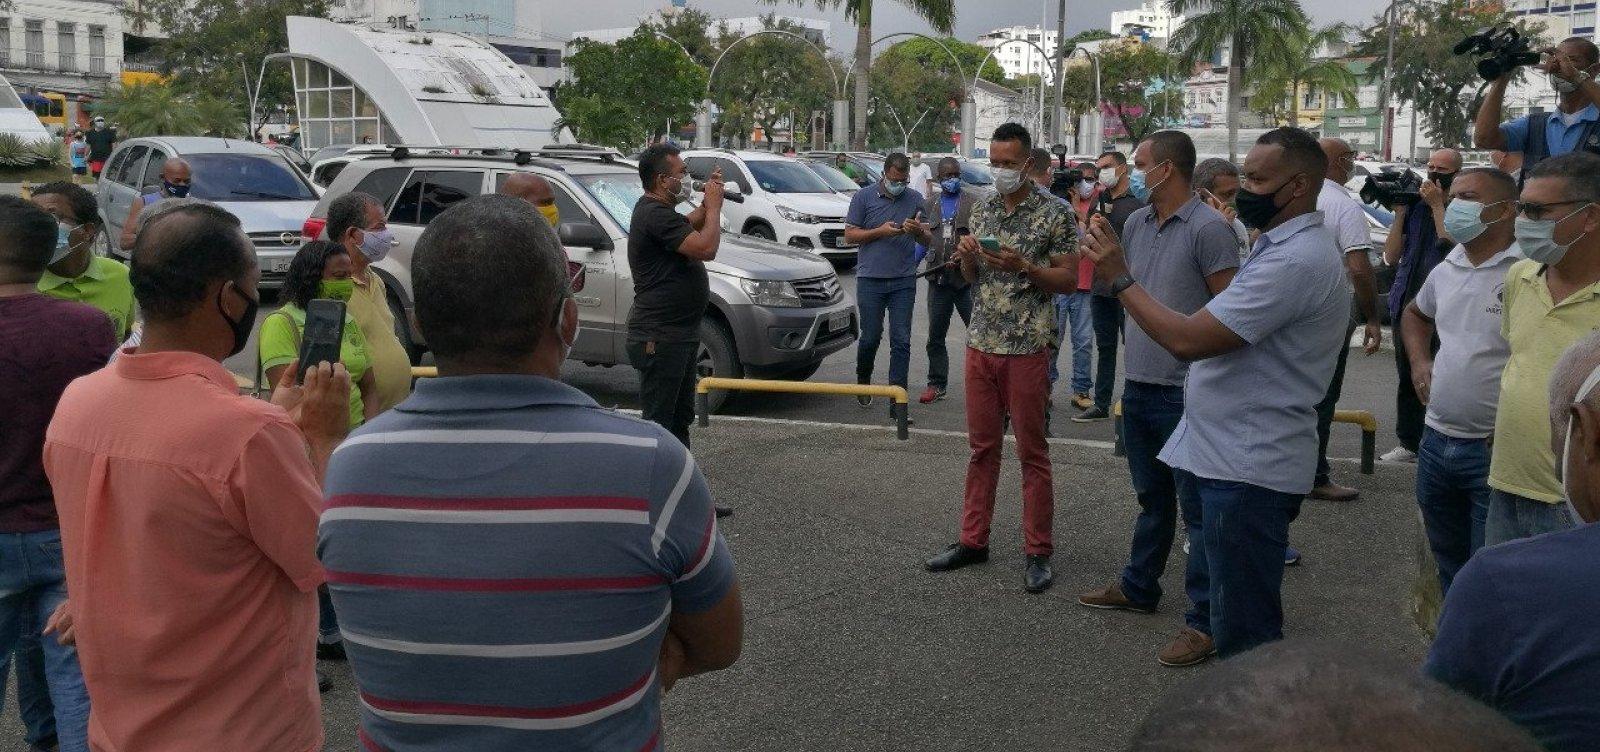 Por rapidez em indenização, rodoviários da CSN protestam em frente ao Fórum Ruy Barbosa